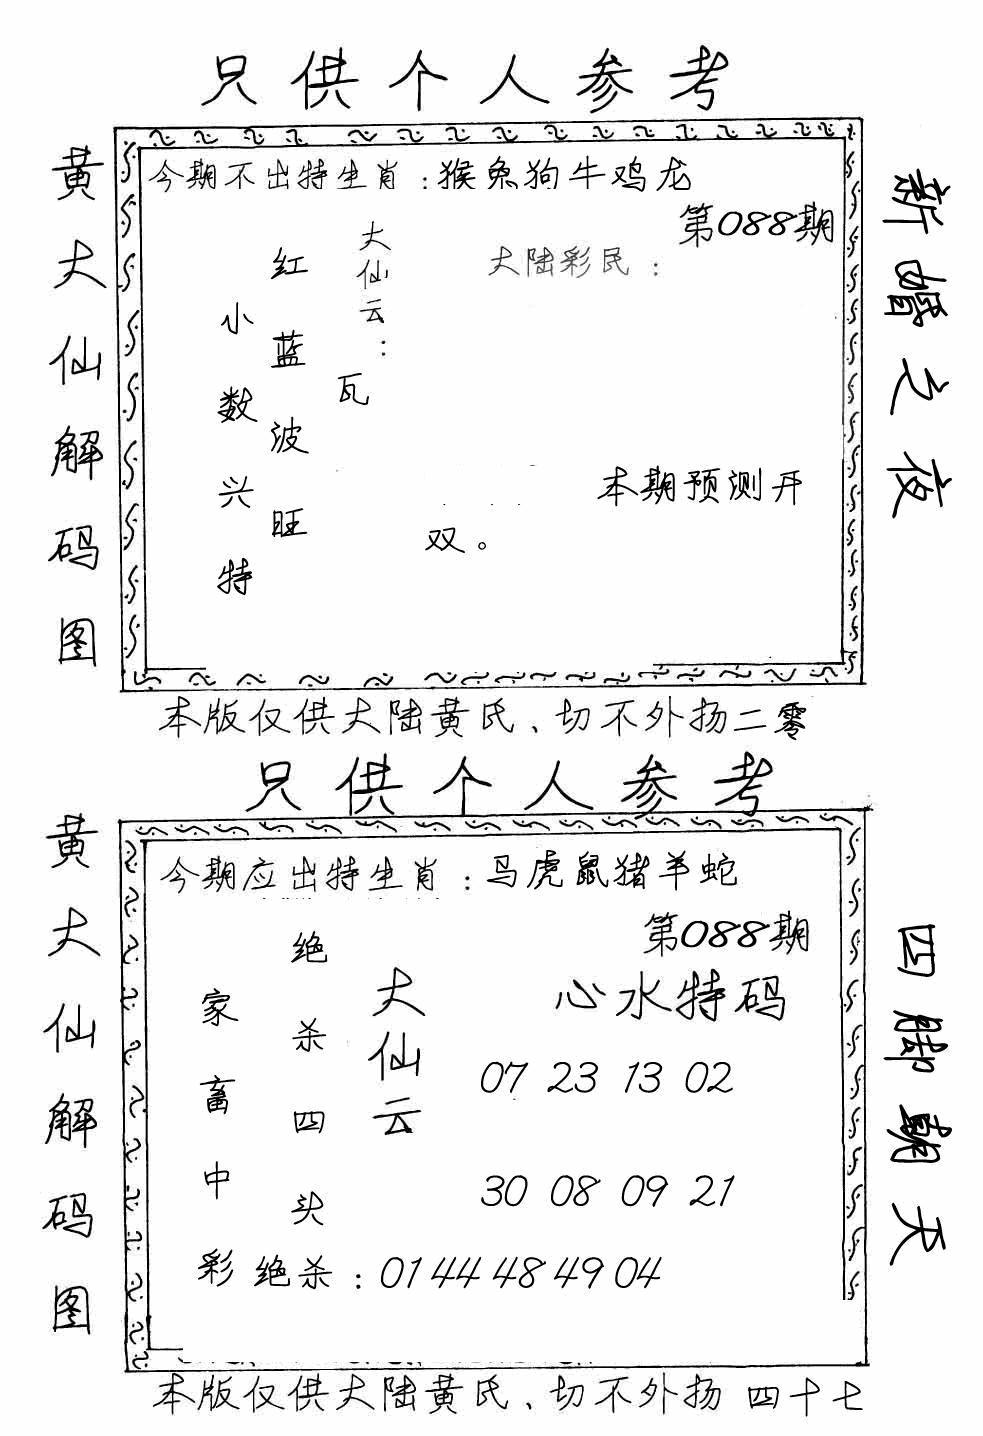 088期黄大仙梅花解码图(手写版)(黑白)